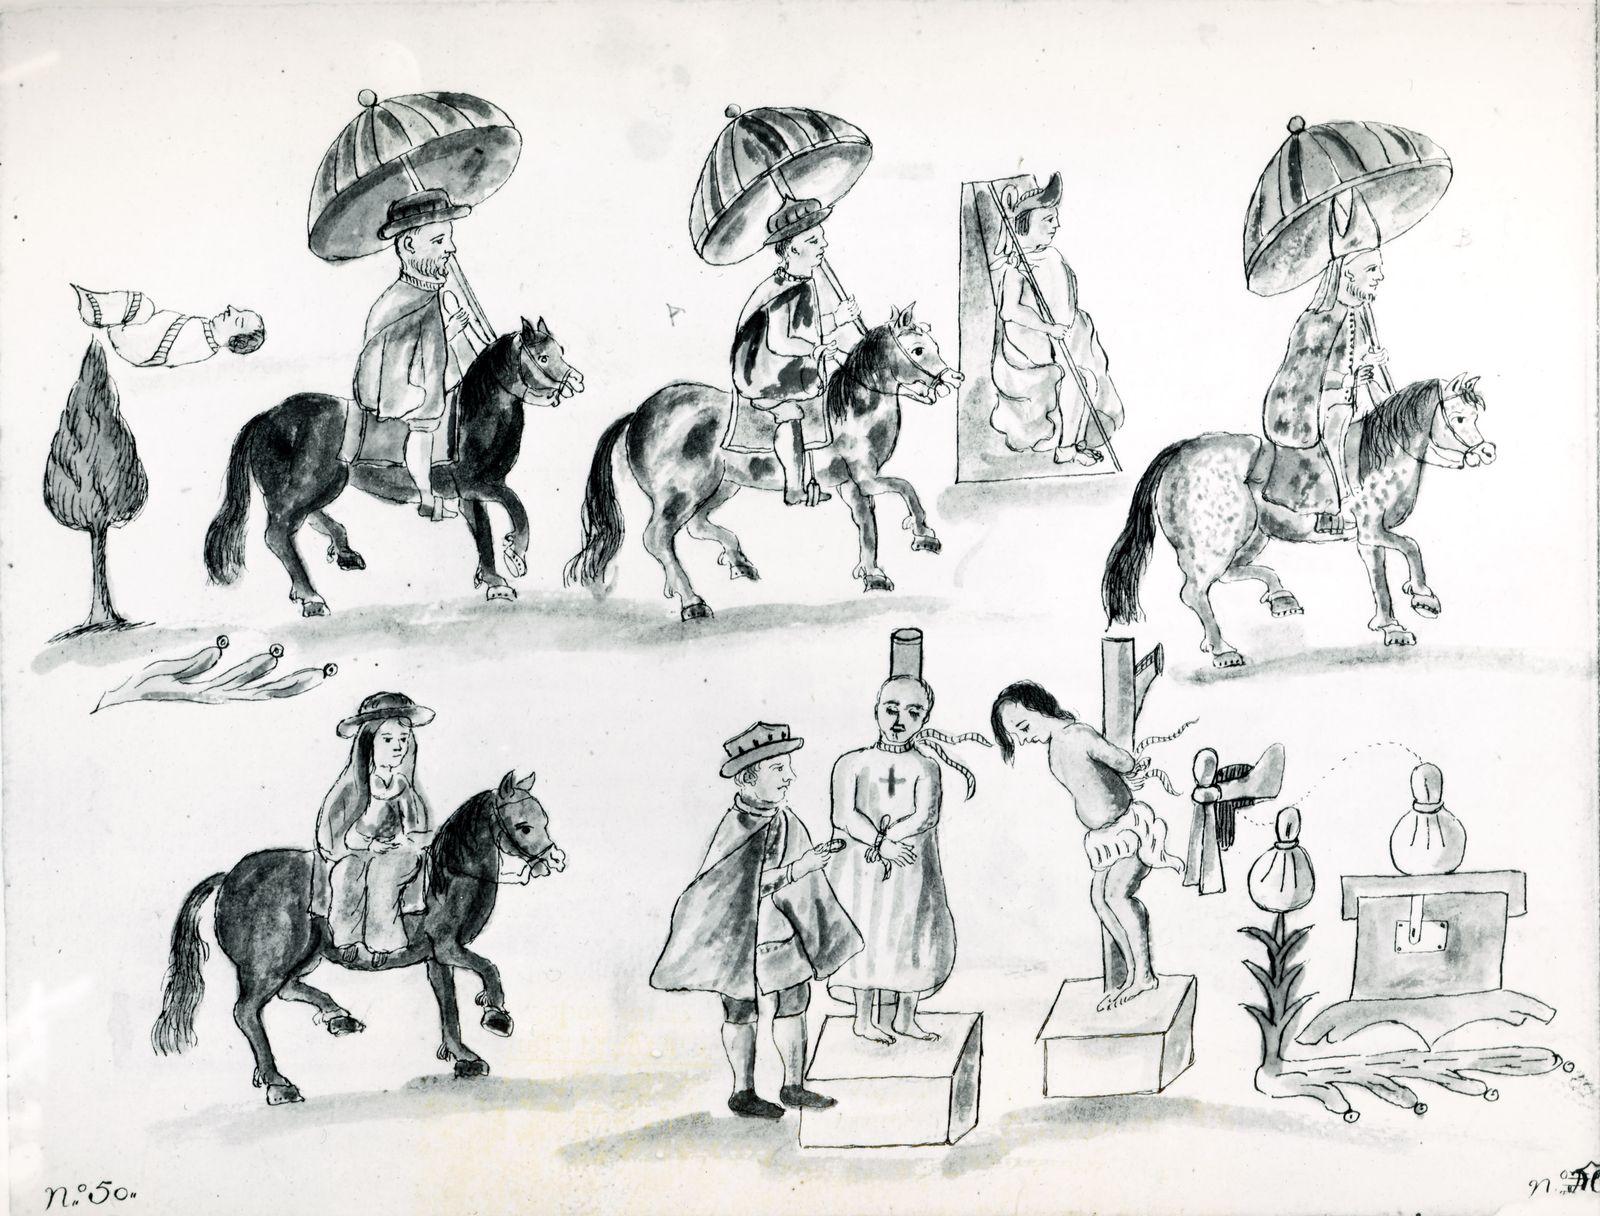 AZTEQUES Les indiens AZTEQUES: Arrivee du vice-roi Don Antonio de Mendoza en 1535, precede de Juan de Zumarraga, 1er arc